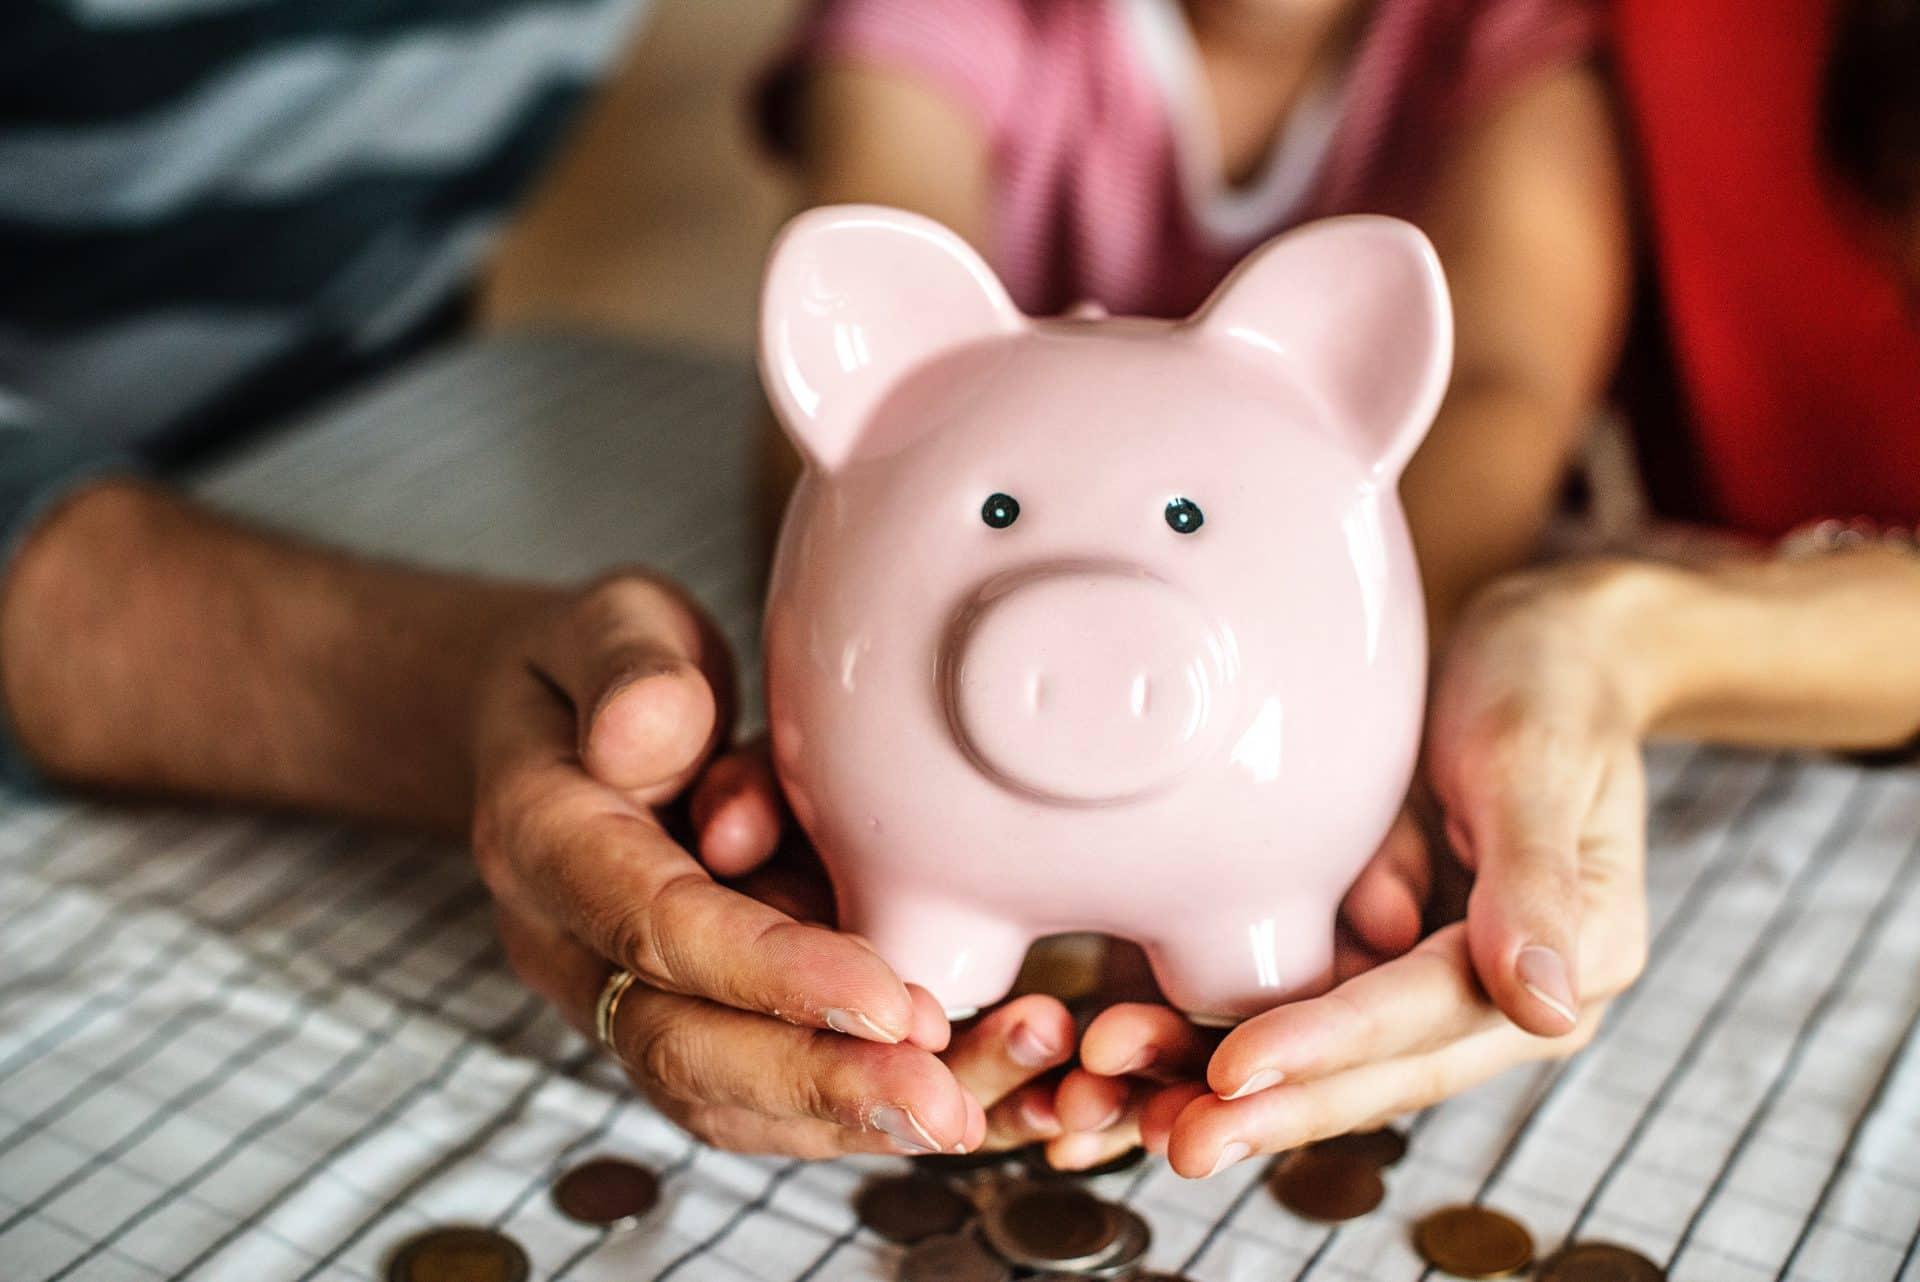 Tax return et tax refund au Canada : tout ce qu'il faut savoir sur la déclaration d'impôts